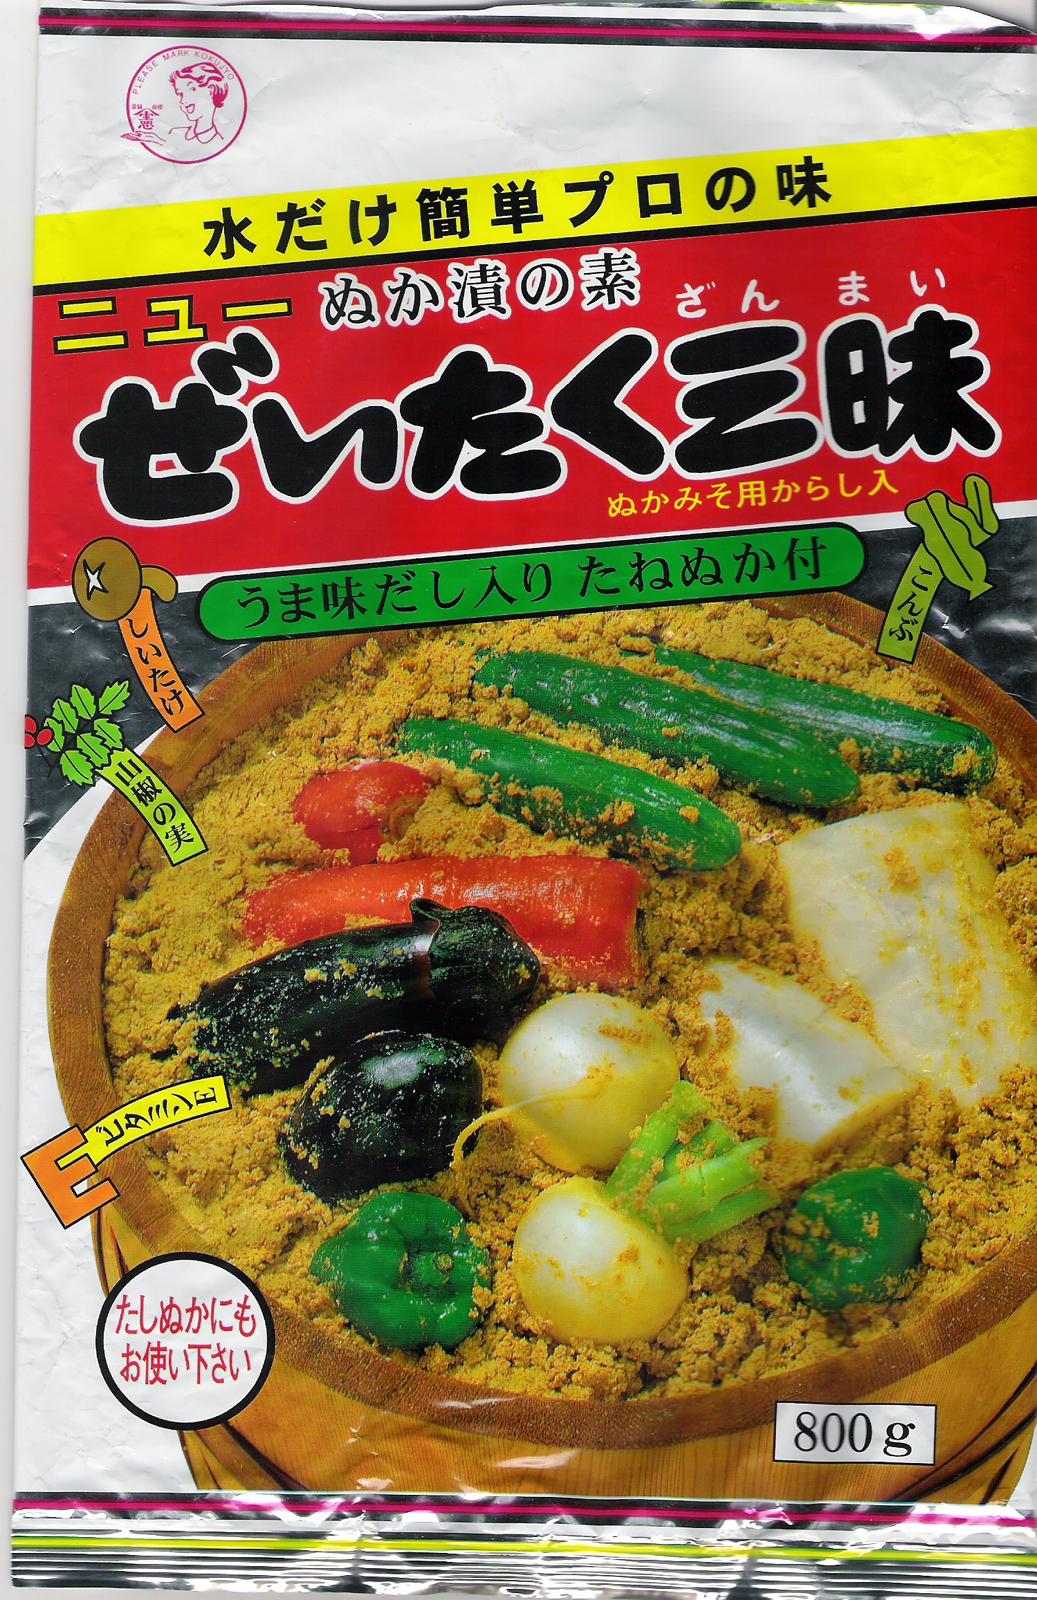 rice bran mix